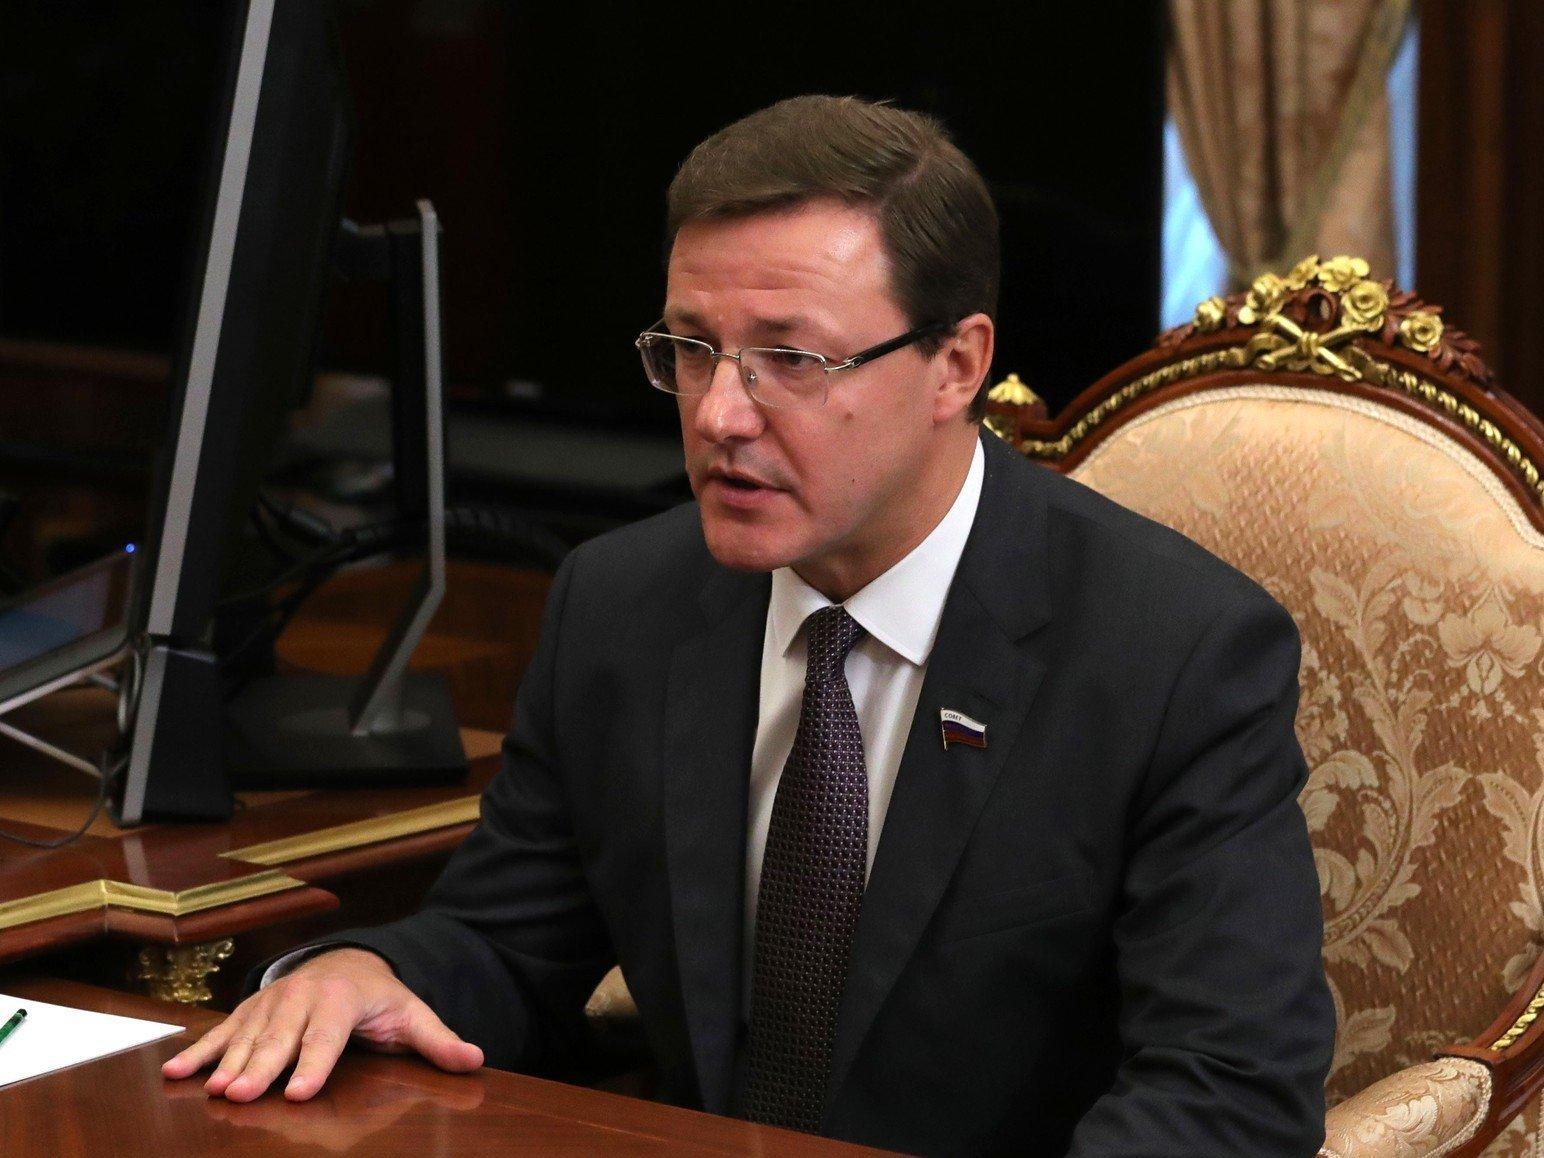 Экс-губернатор Николай Меркушкин, уволенный Путиным, дал совет русской элит ...